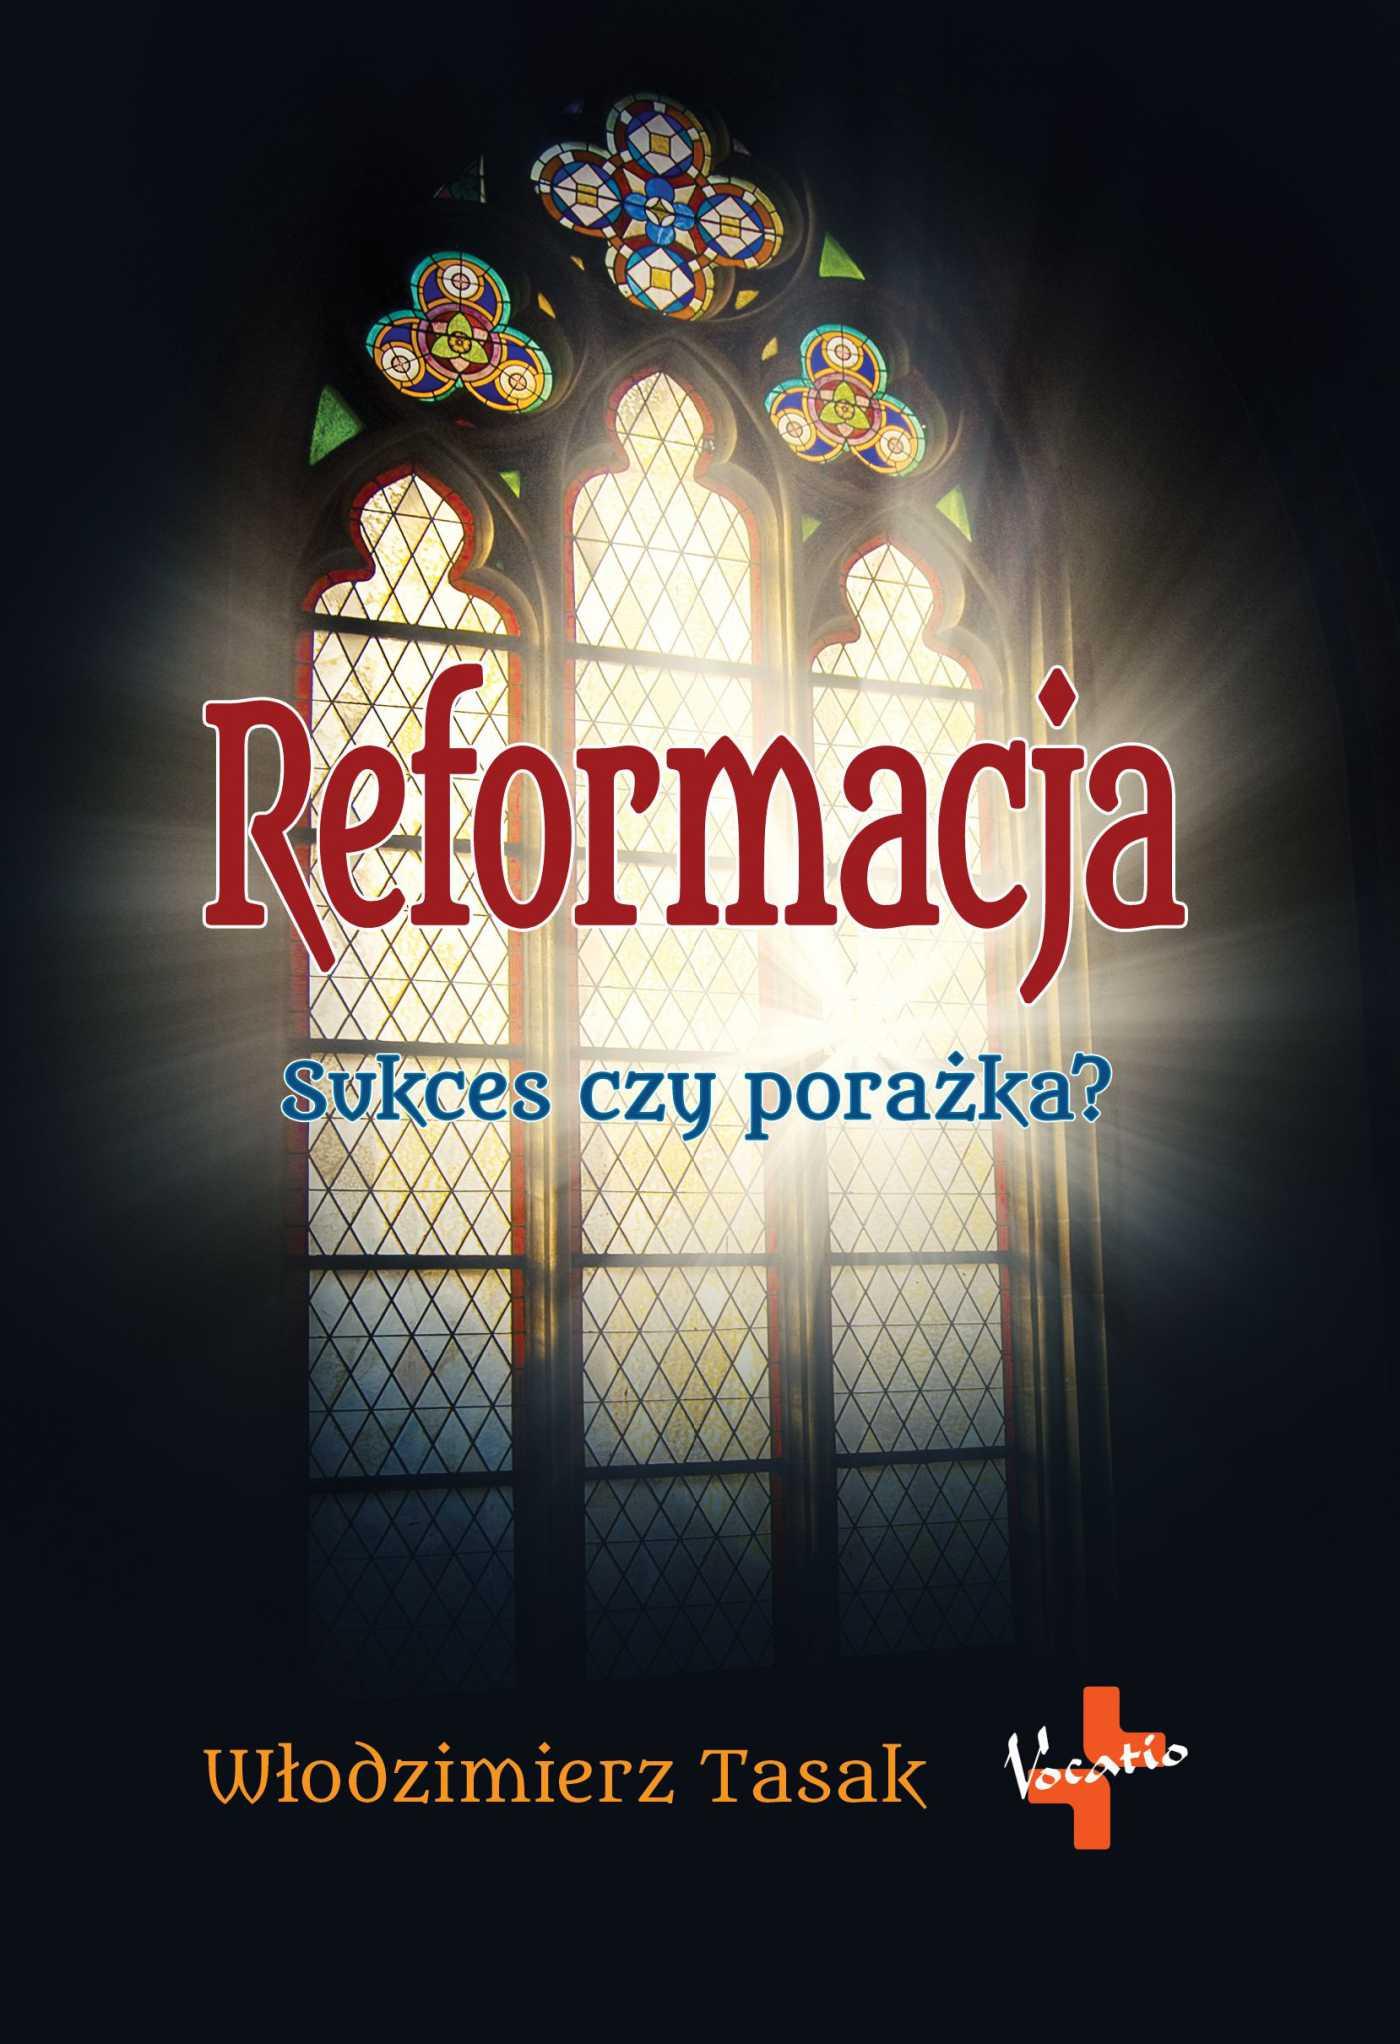 Reformacja. Sukces czy porażka? - Ebook (Książka EPUB) do pobrania w formacie EPUB